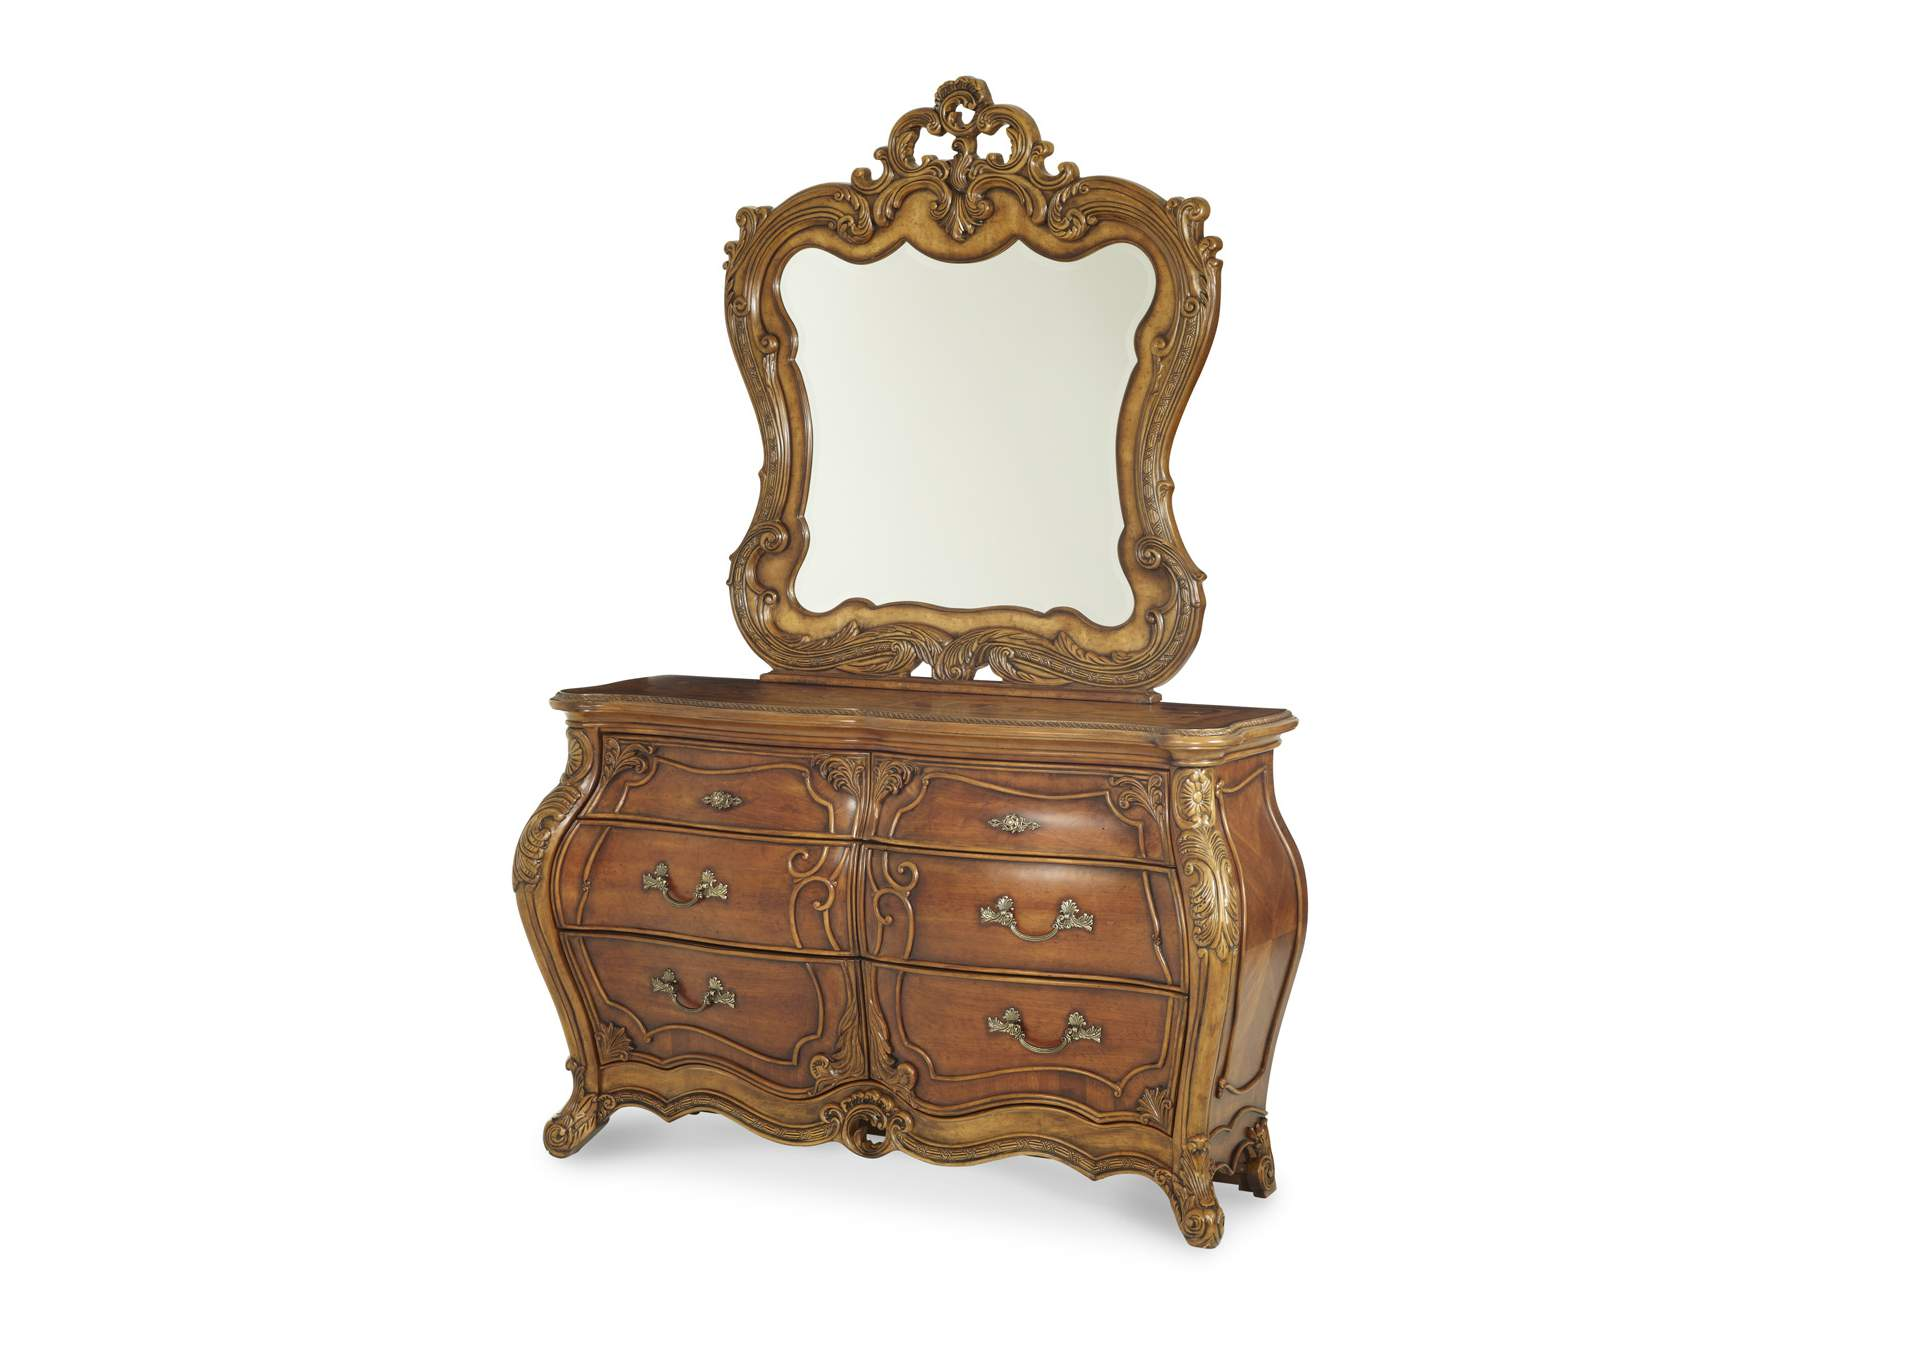 Delicieux Palais Royale Rococo Cognac Double Dresser U0026 Mirror (2 Pc),AICO